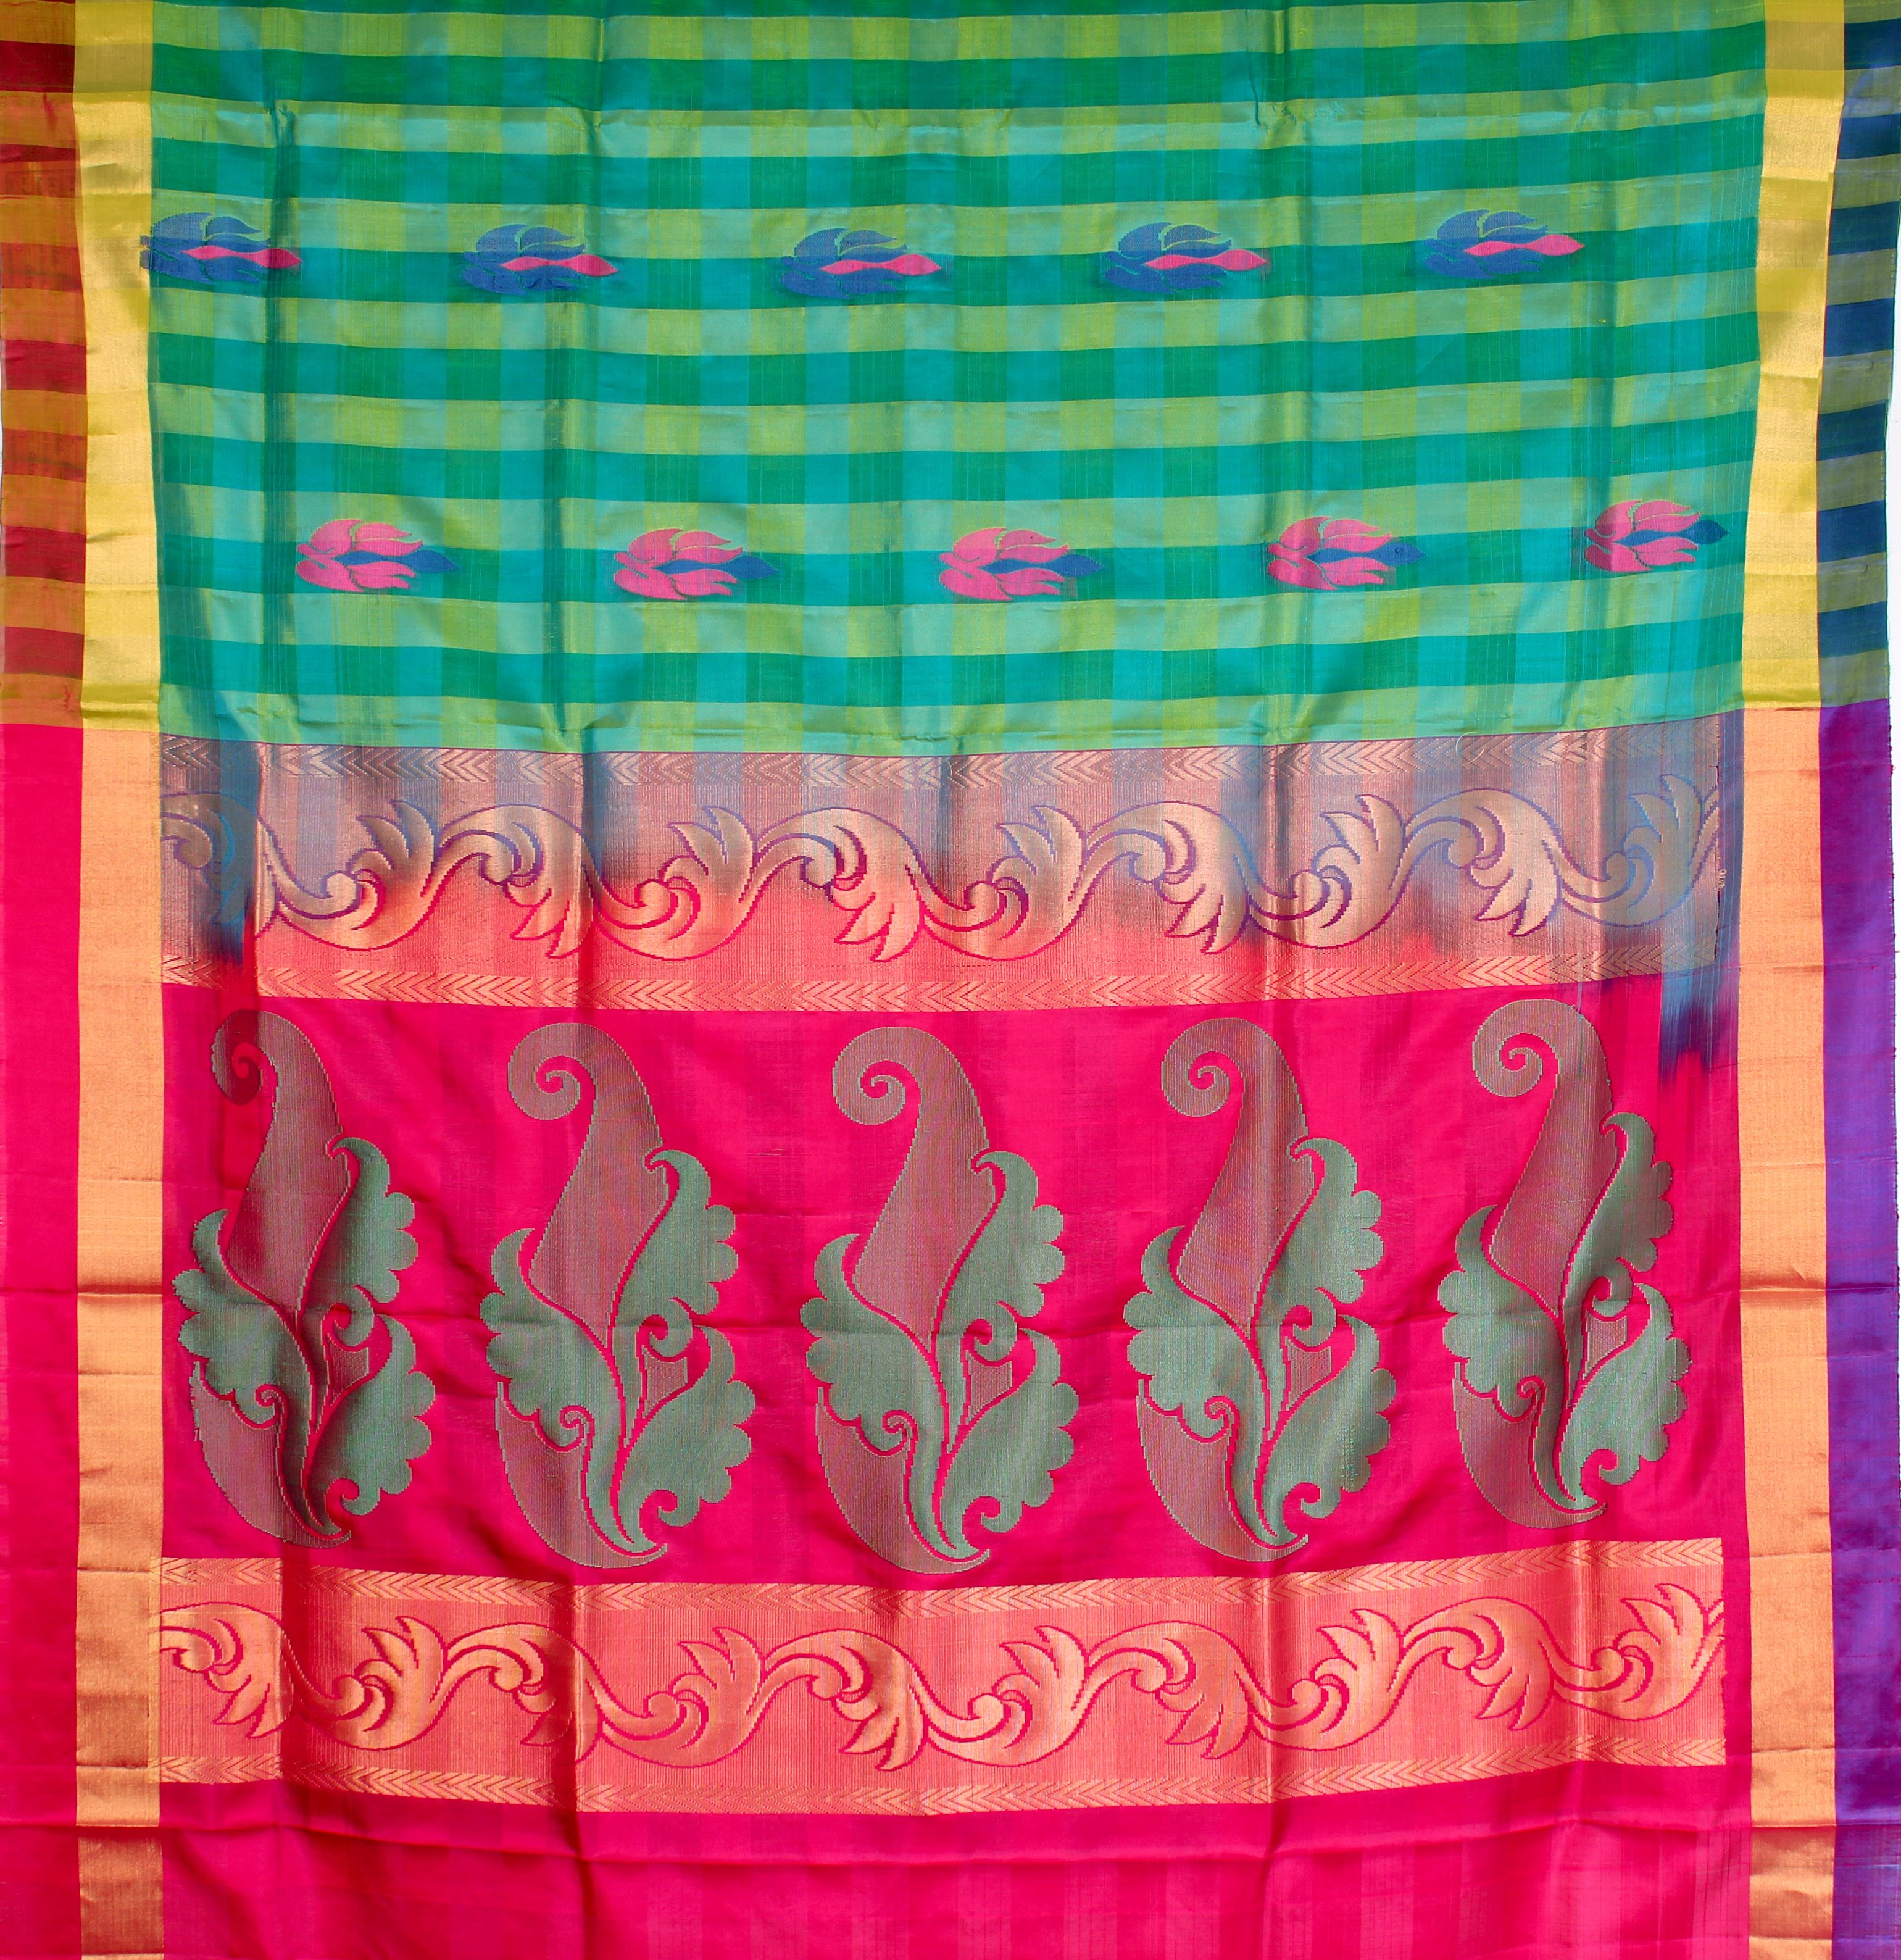 Saree images paithani paithani saree collections  lubdha paithani